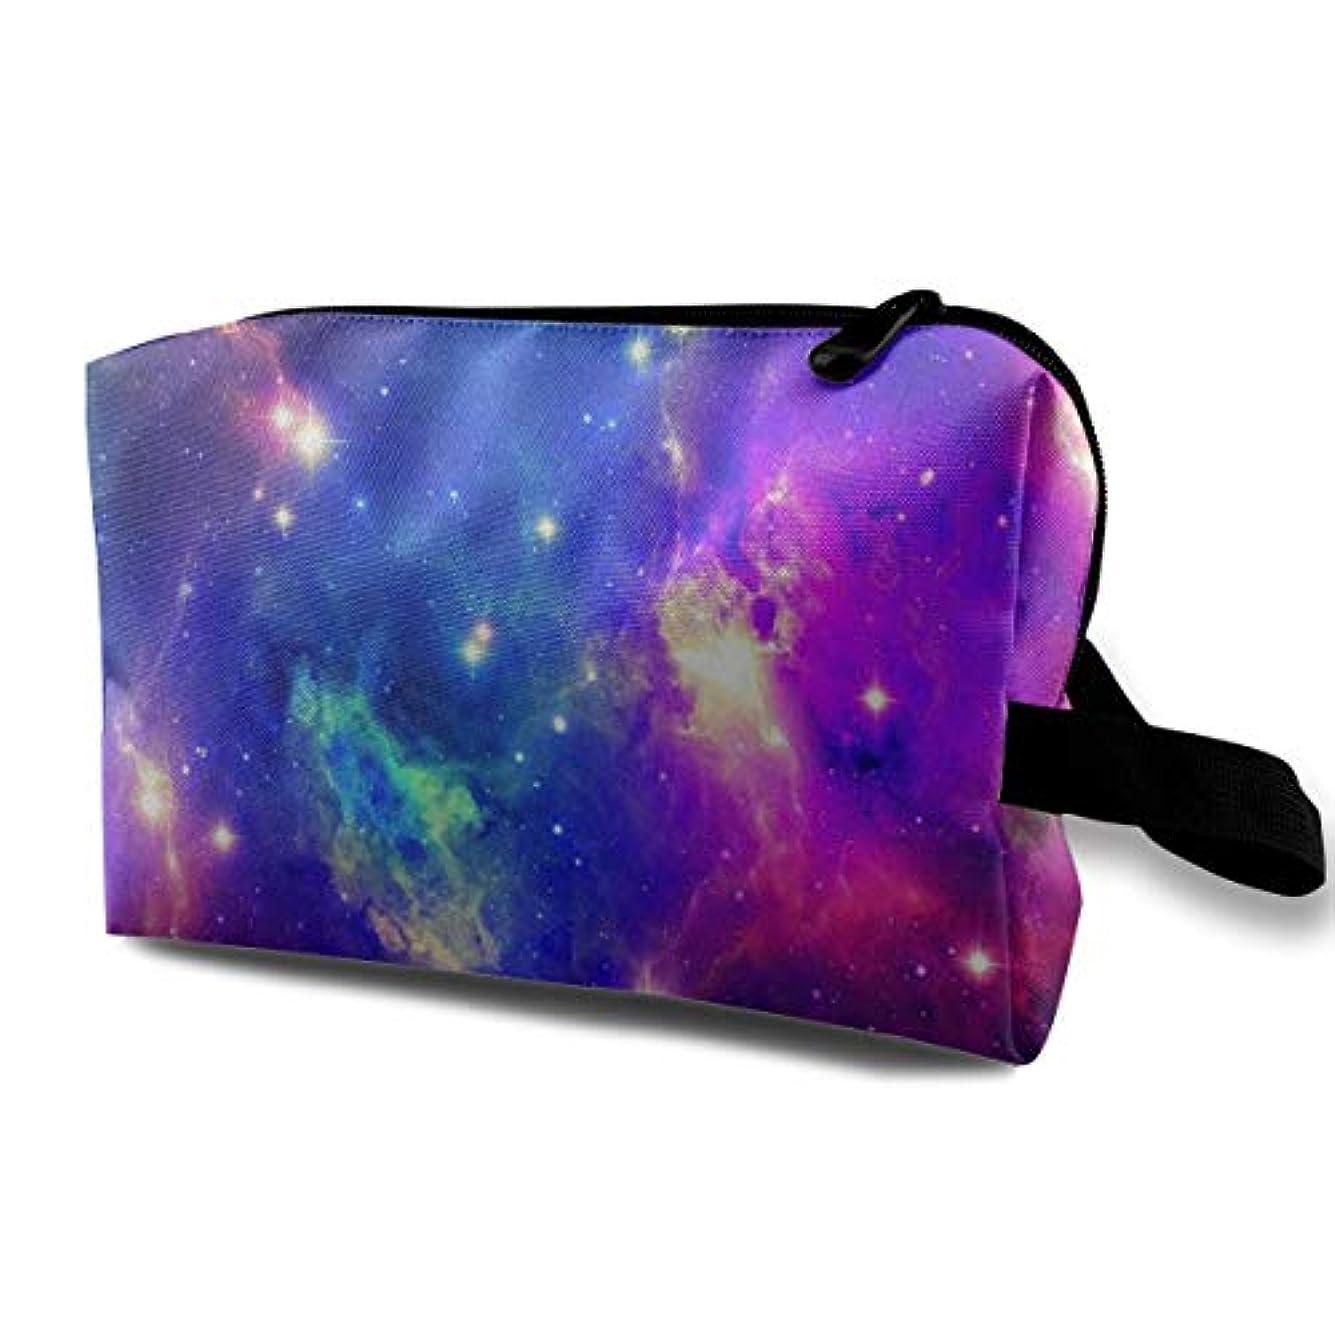 証書孤独がっかりしたSpace Nebula Galaxy 収納ポーチ 化粧ポーチ 大容量 軽量 耐久性 ハンドル付持ち運び便利。入れ 自宅?出張?旅行?アウトドア撮影などに対応。メンズ レディース トラベルグッズ